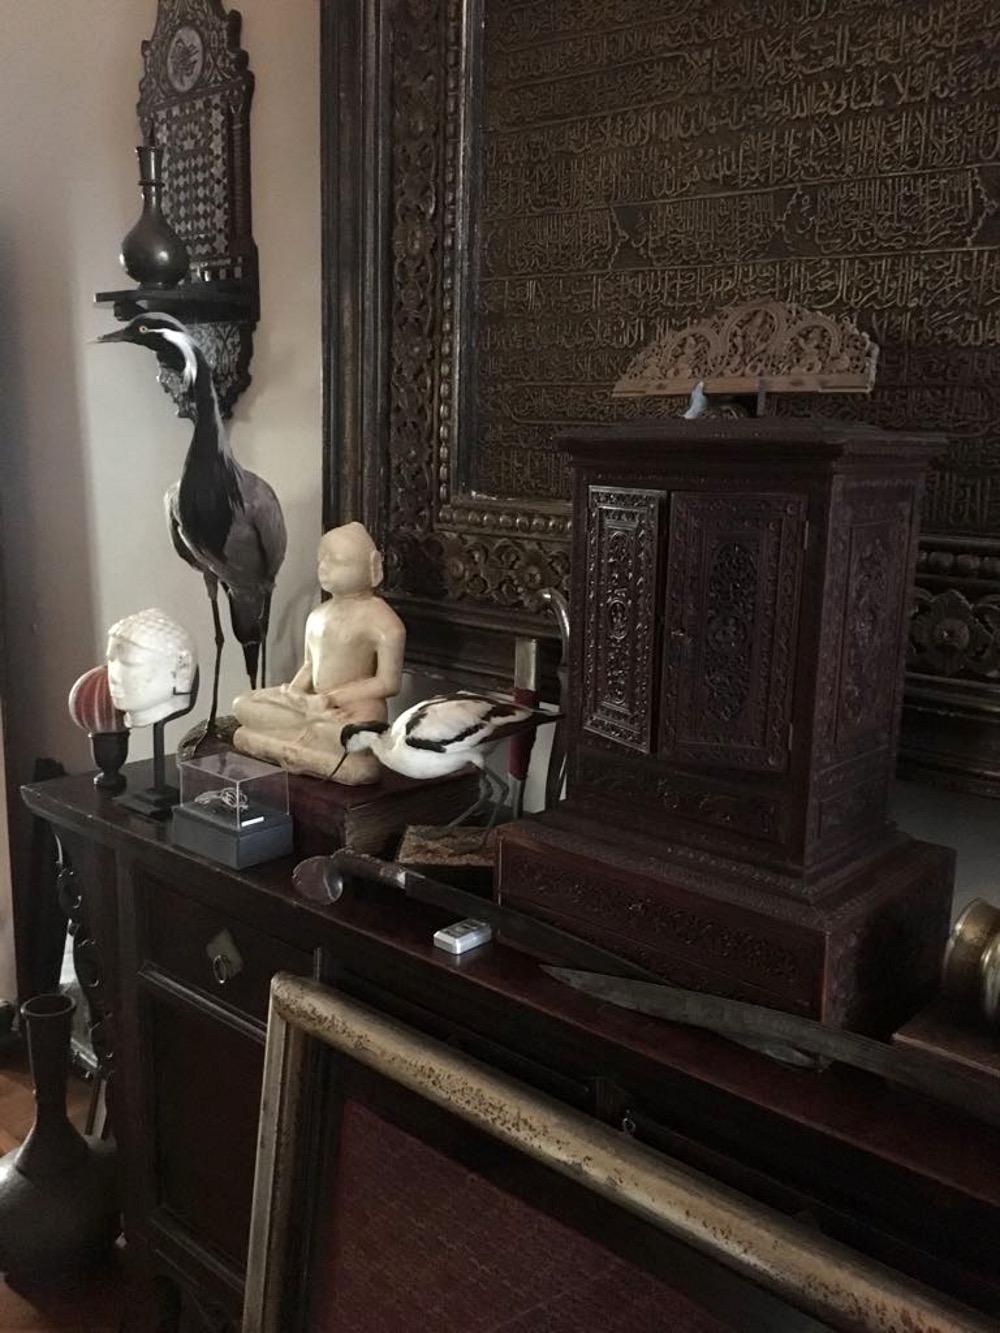 rocaille-blog-ethnologica-galleria-wunderkammer-andrea-filippi-forlì (56)